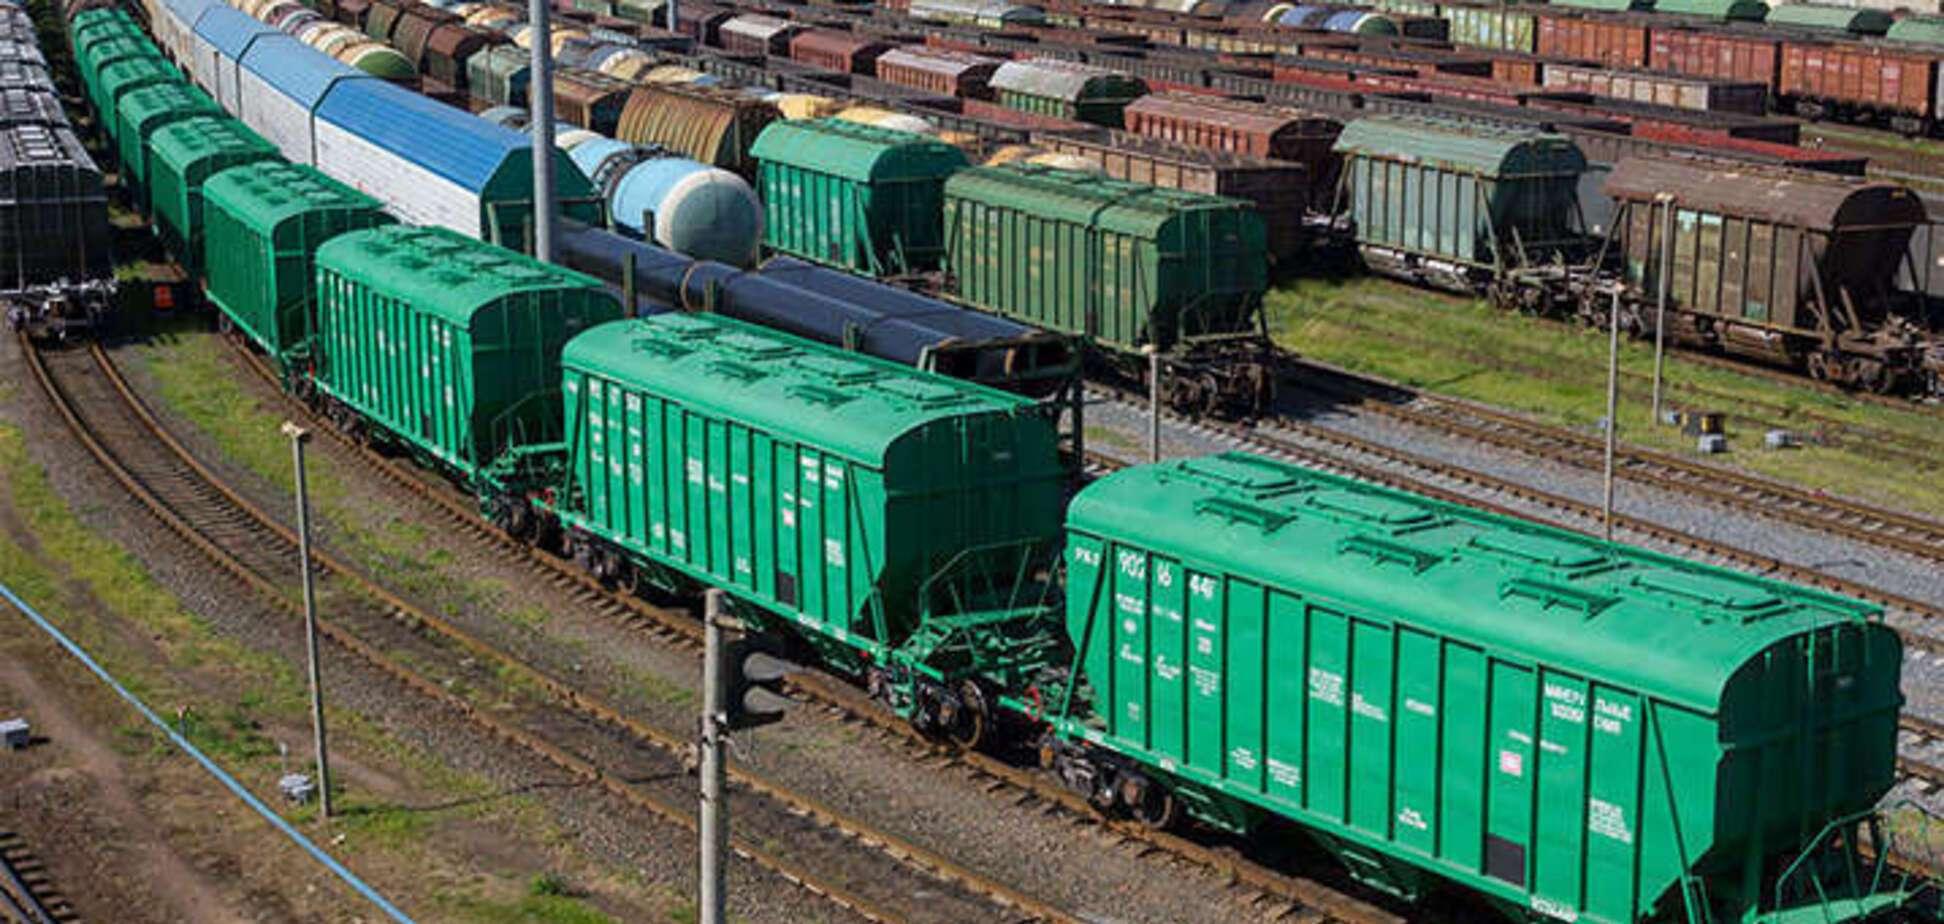 Андрій Кирикович прокоментував ініціативу Мінінфраструктури щодо списання старих вагонів